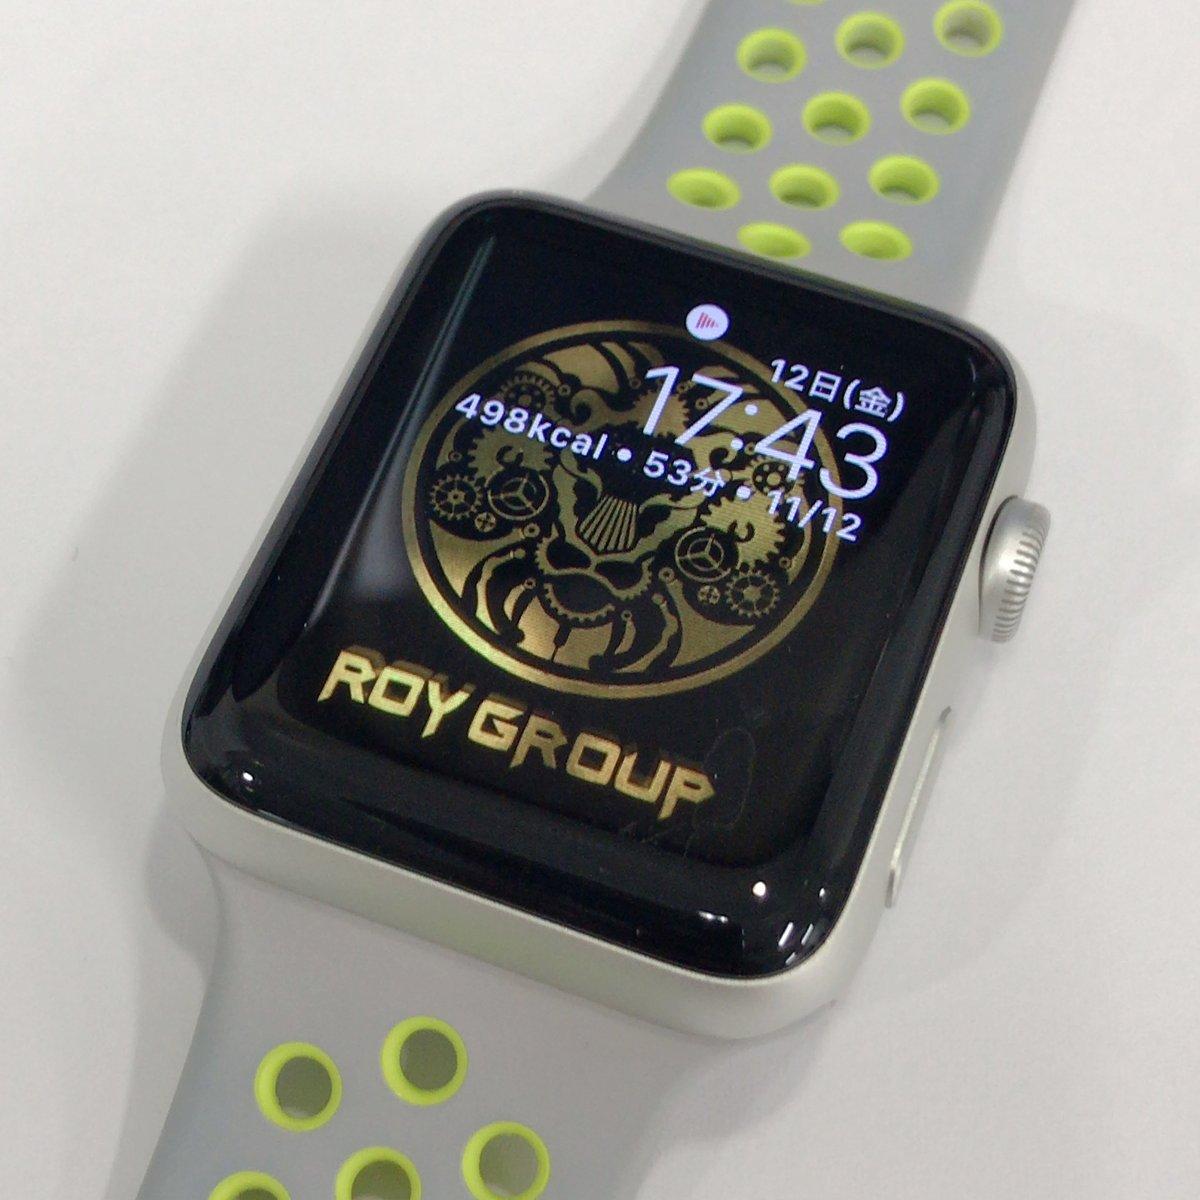 Sugwi Auf Twitter Goldなロイグループ壁紙 スマホ壁紙にもどうぞ スクショ見せてね 2つめはapple Watch用壁紙 オレのapple Watchが旧型なのでフチが気にならないように背景が黒verを作りました Apple Watch欲しくなった オレは持ってる Roy Group Corporate